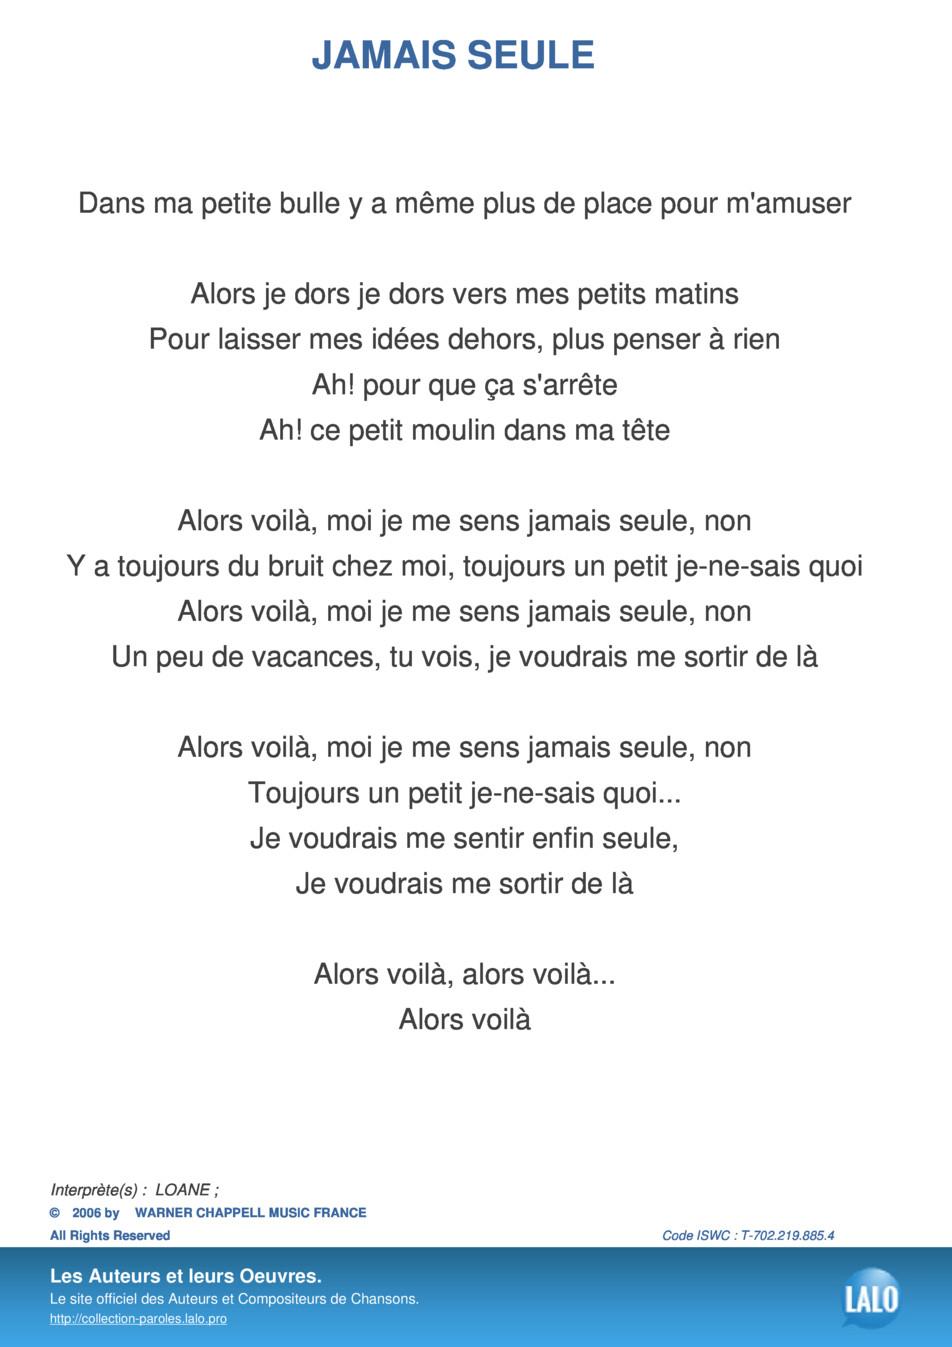 Paroles Et Musique De Jamais Seule Loane - Lalo.pro encequiconcerne Petit Moulin Chanson